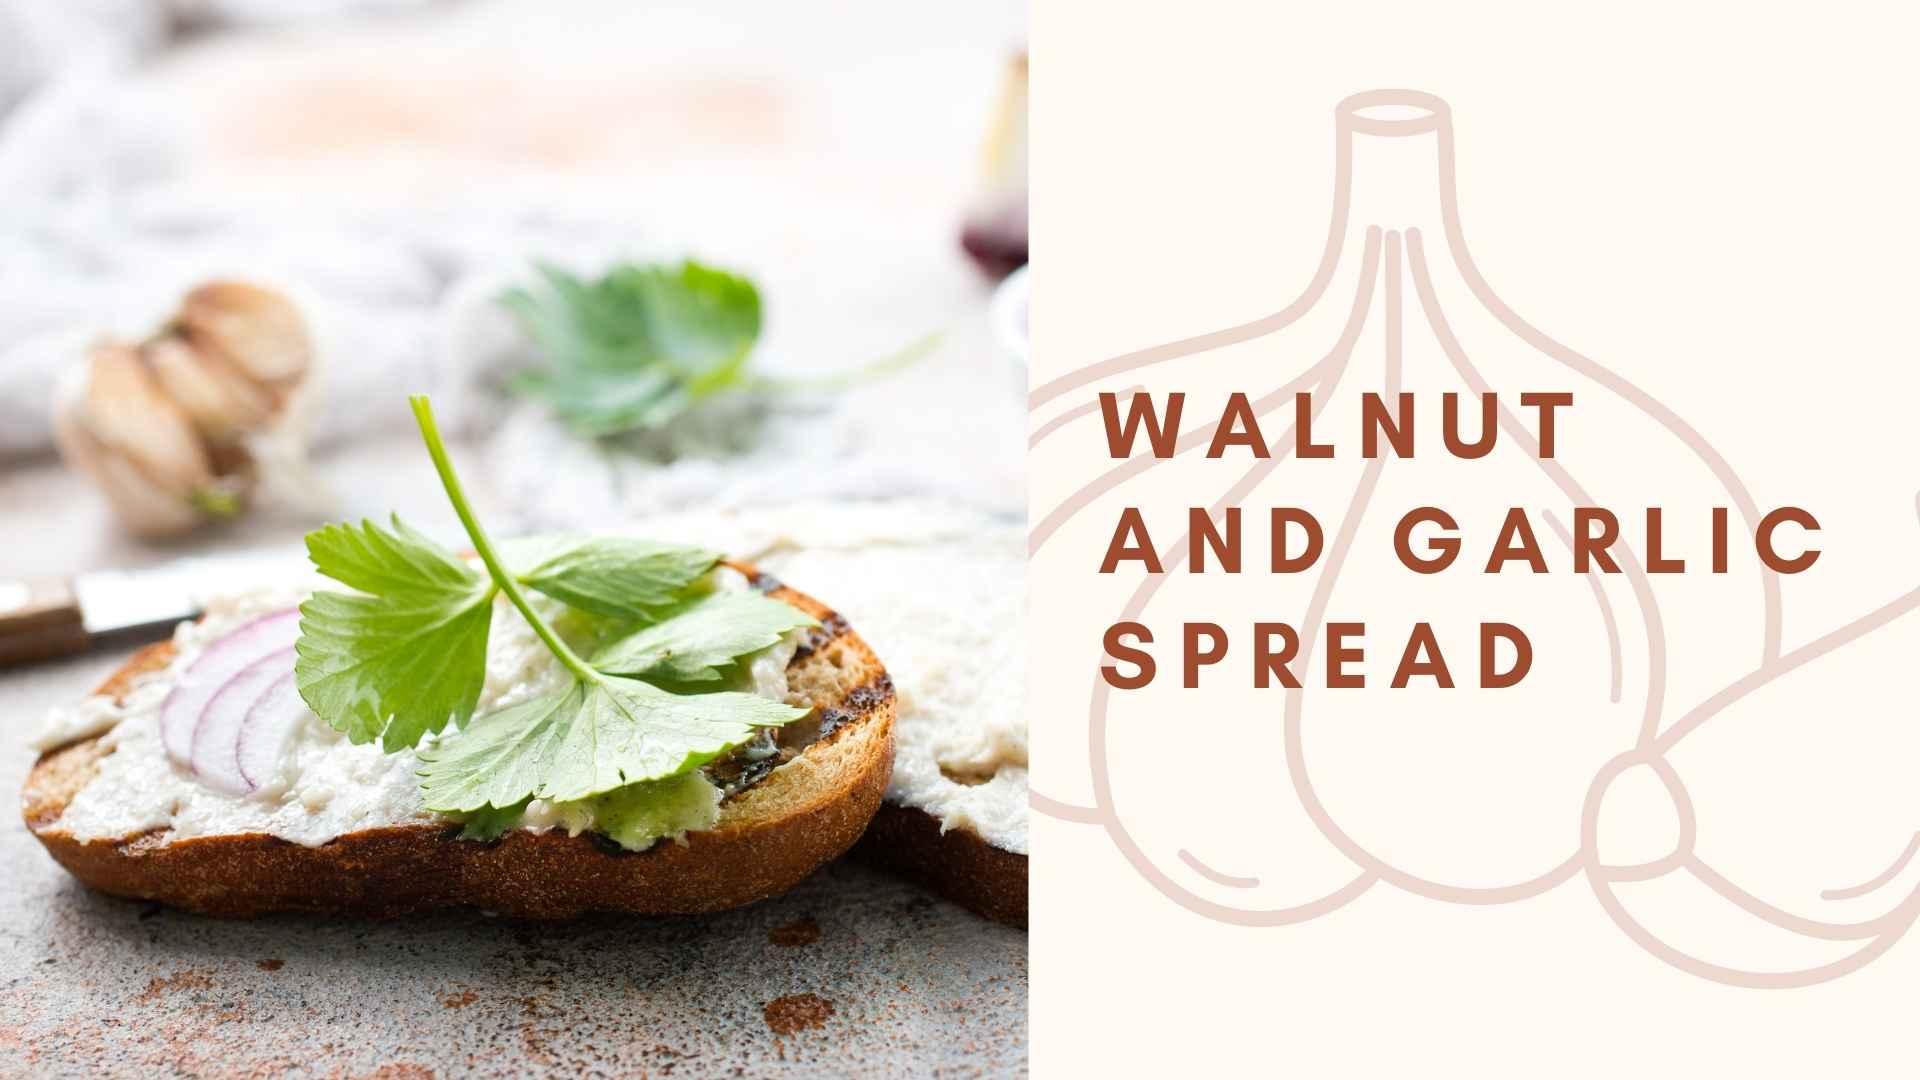 walnut and garlic spread